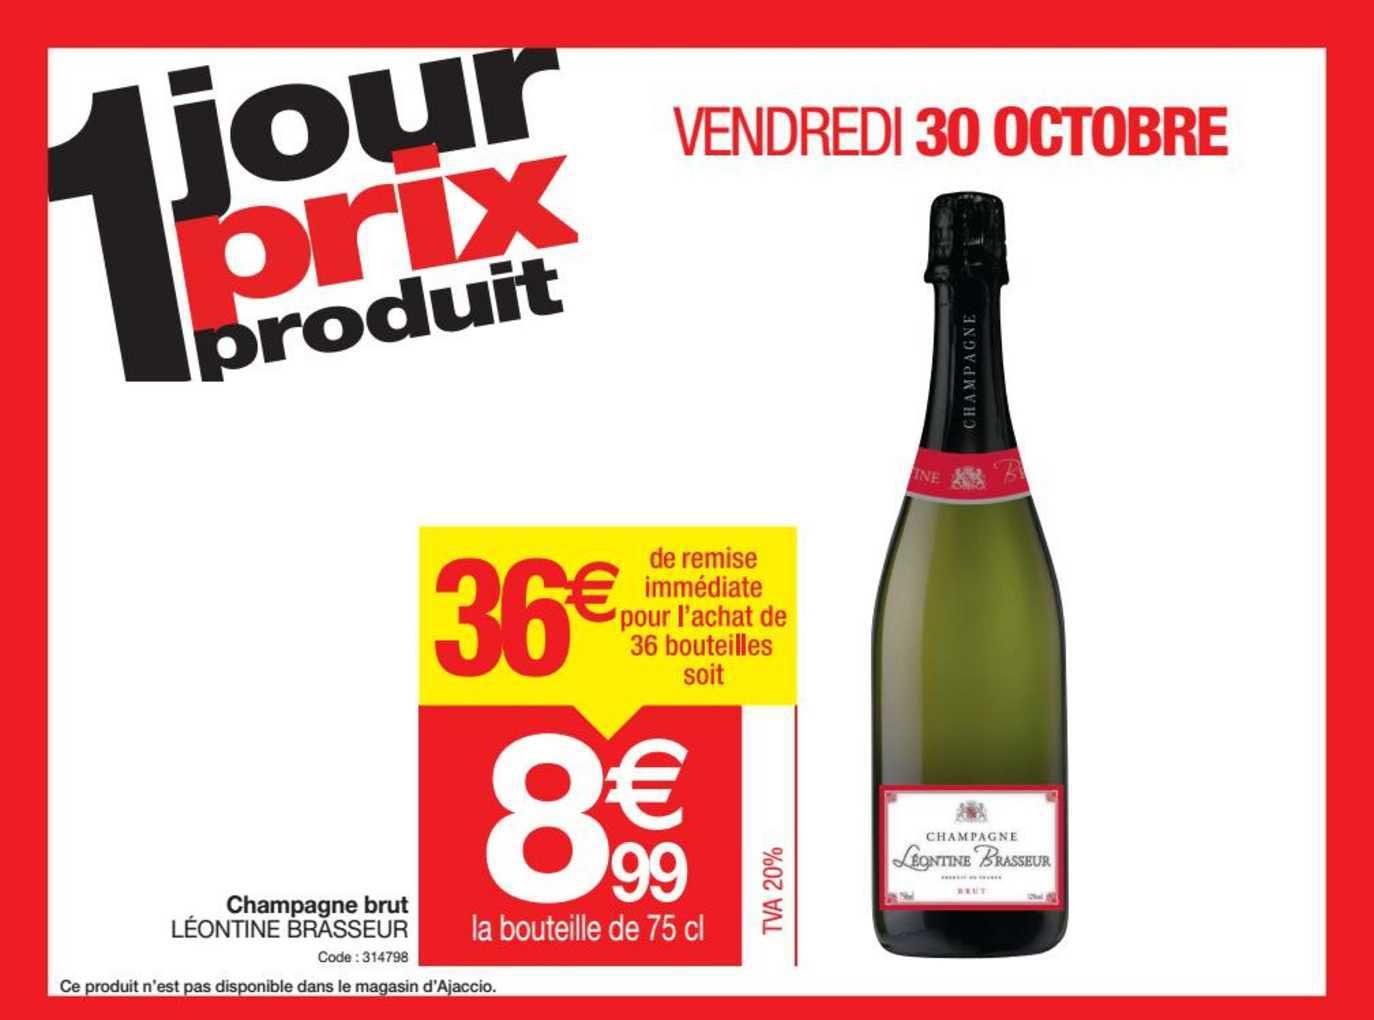 Promocash Champagne Brut Léontine Brasseur